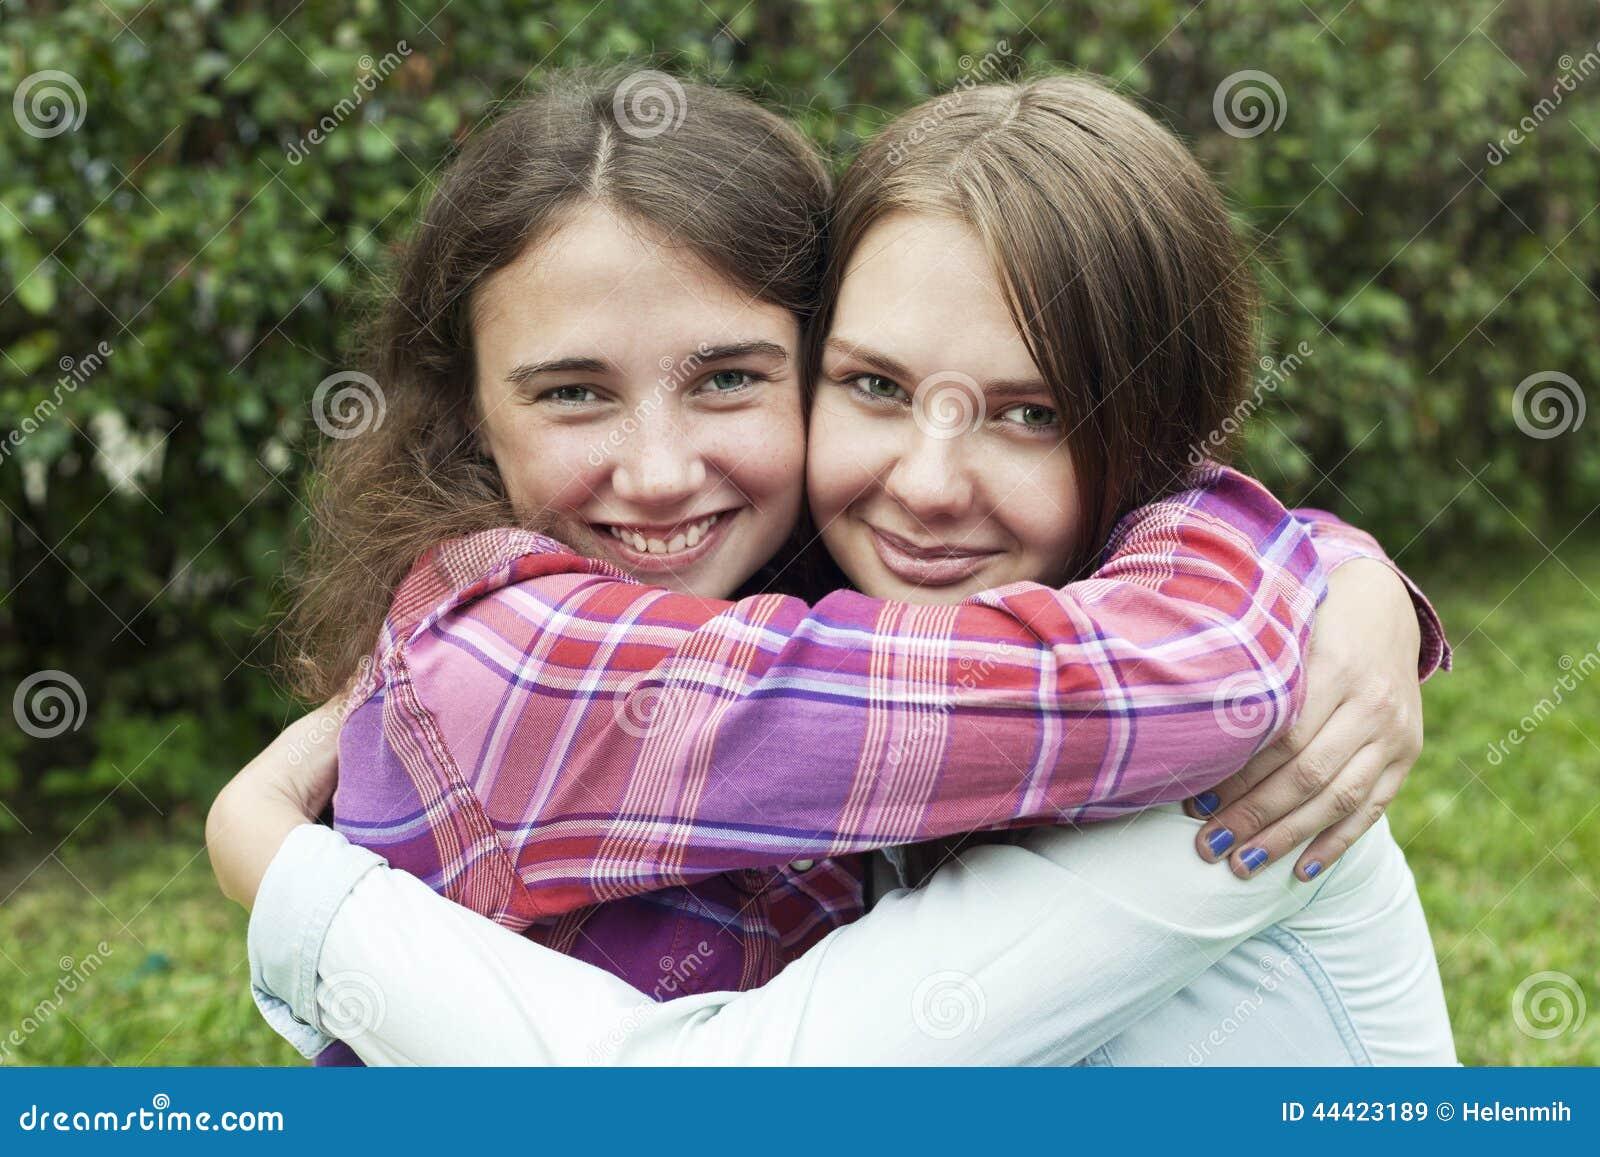 Фотографии трёх девушек друзей вместе 30 фотография